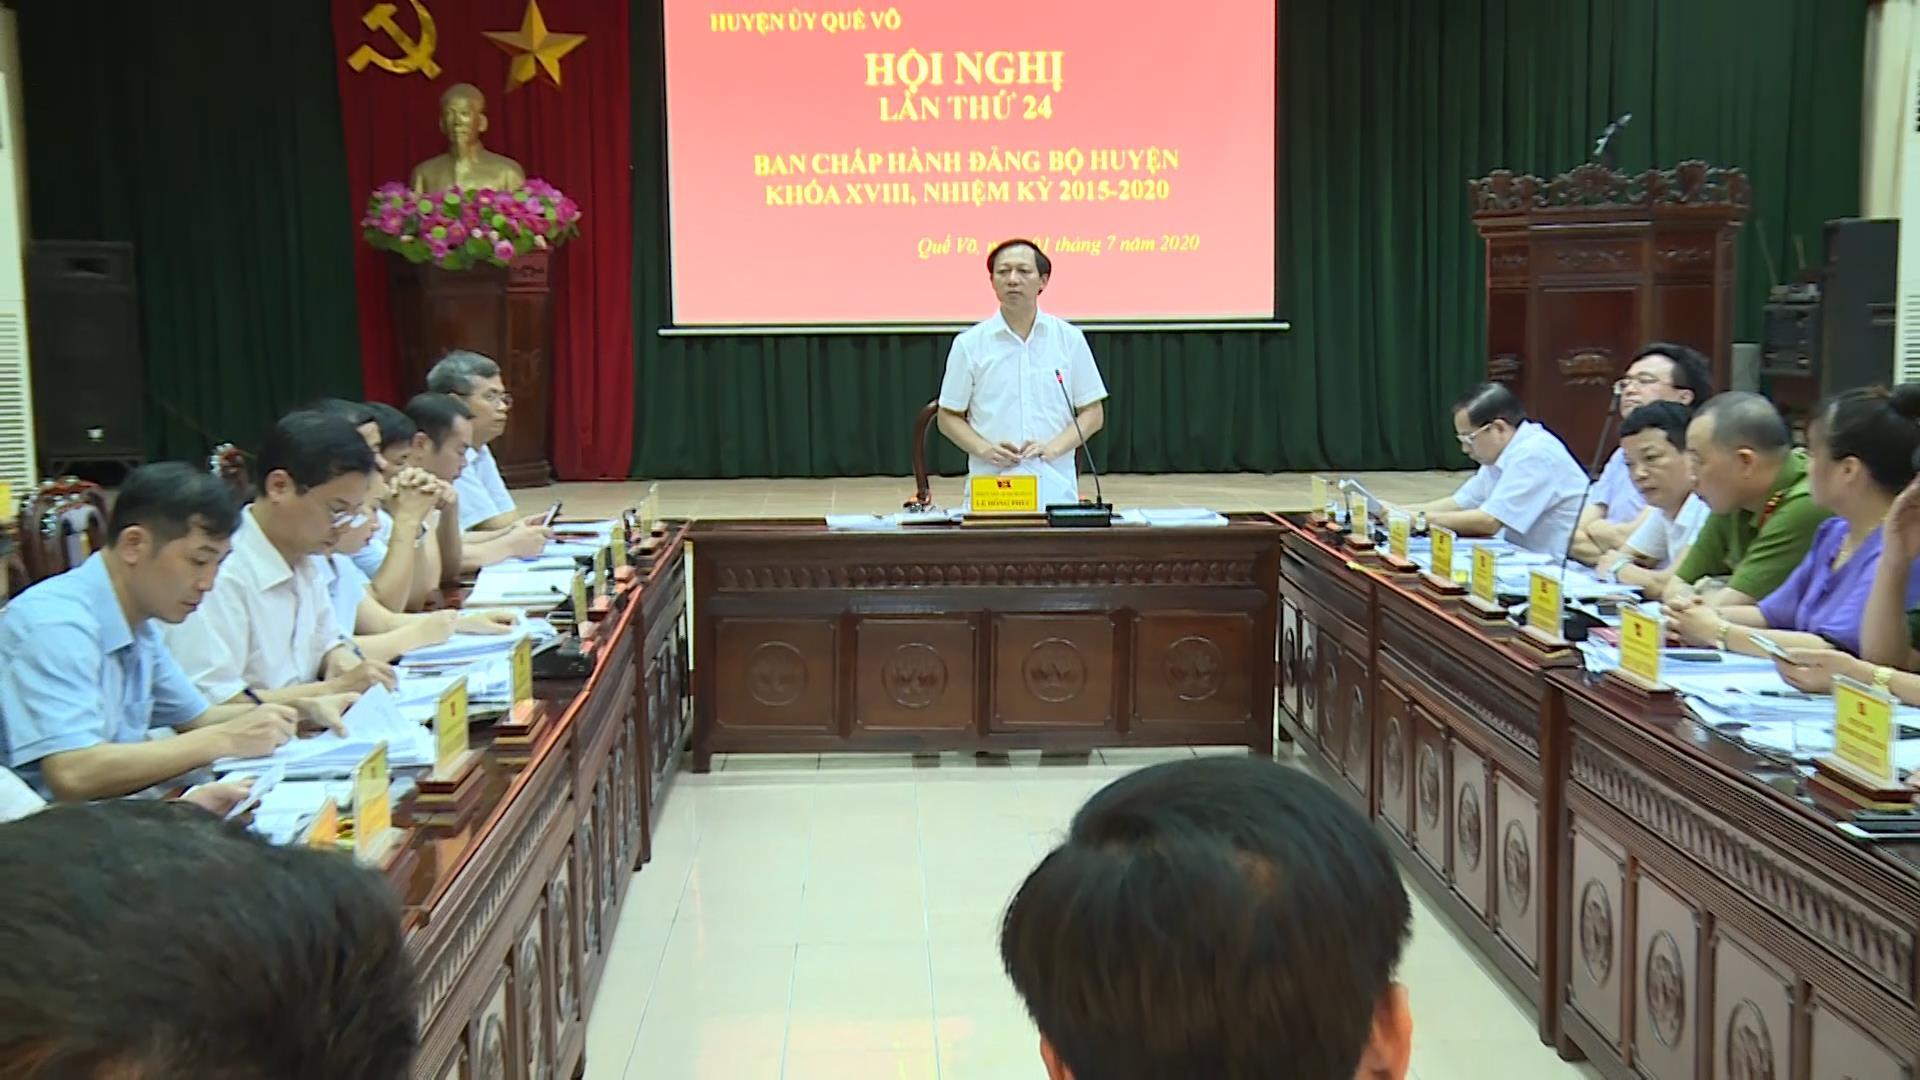 Ban chấp hành Đảng bộ huyện Quế Võ khóa 18 tổ chức Hội nghị lần thứ 24